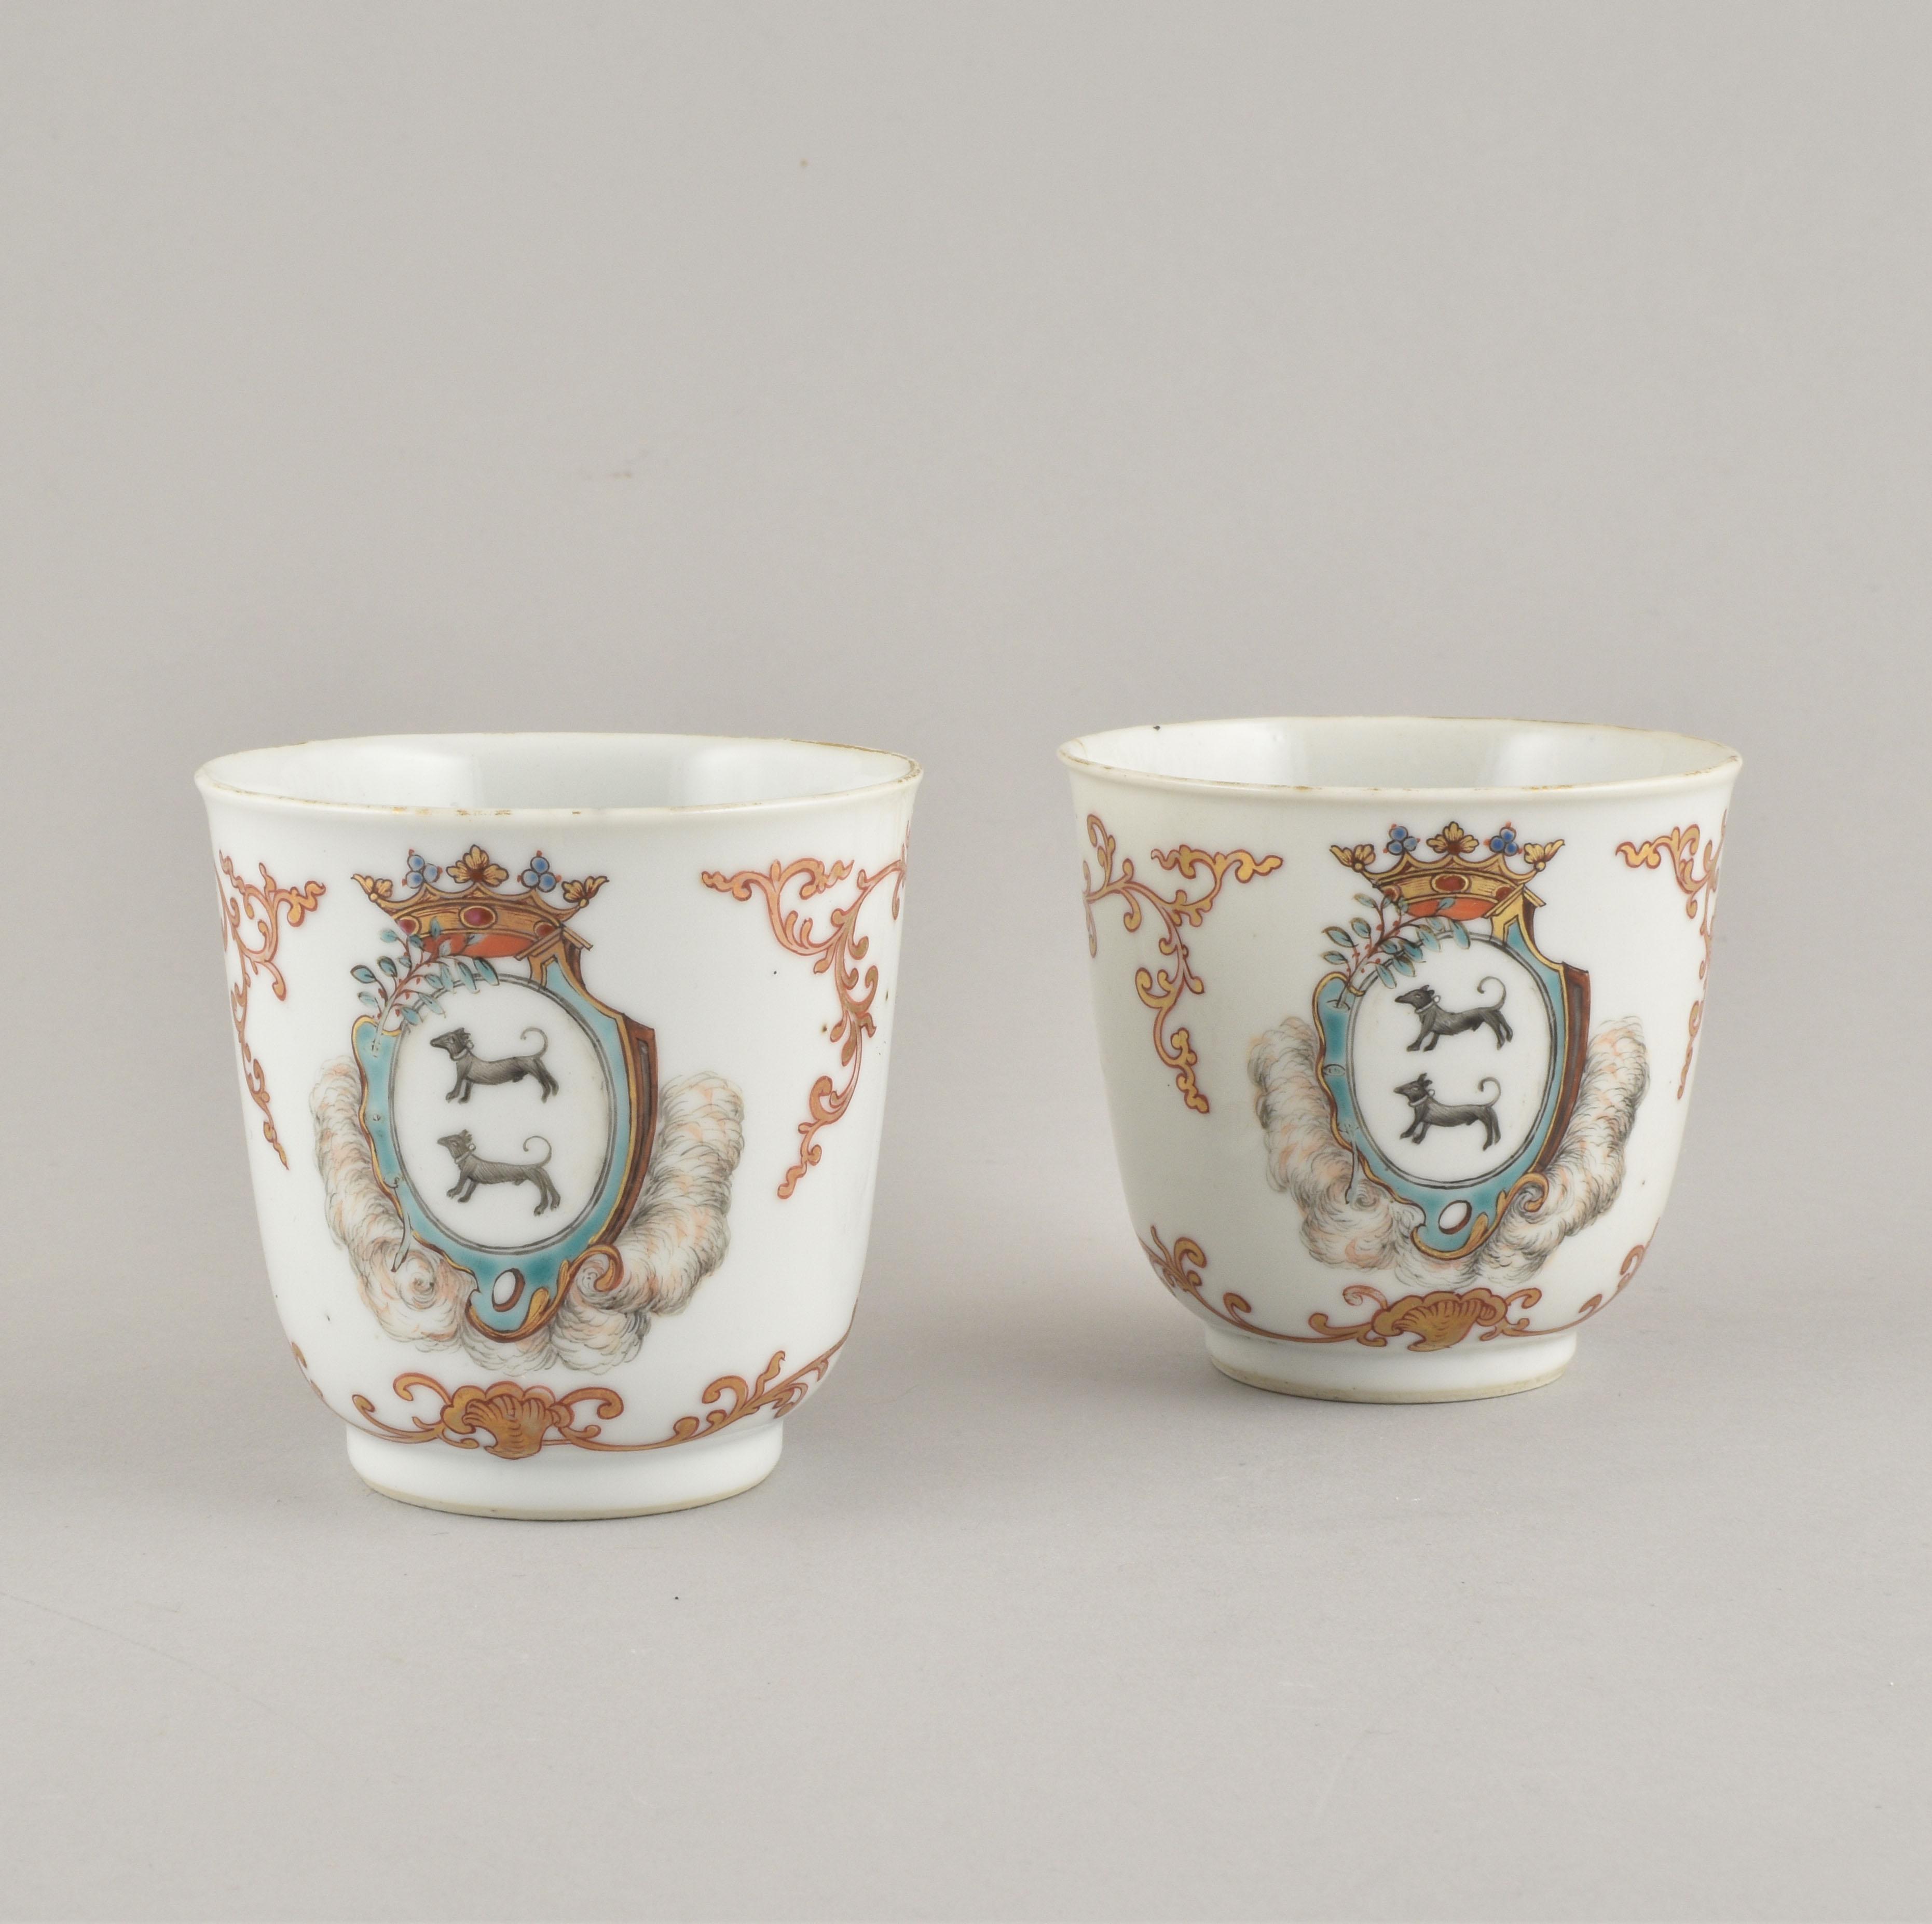 Porcelaine Qianlong (1735-1795), ca. 1755, China